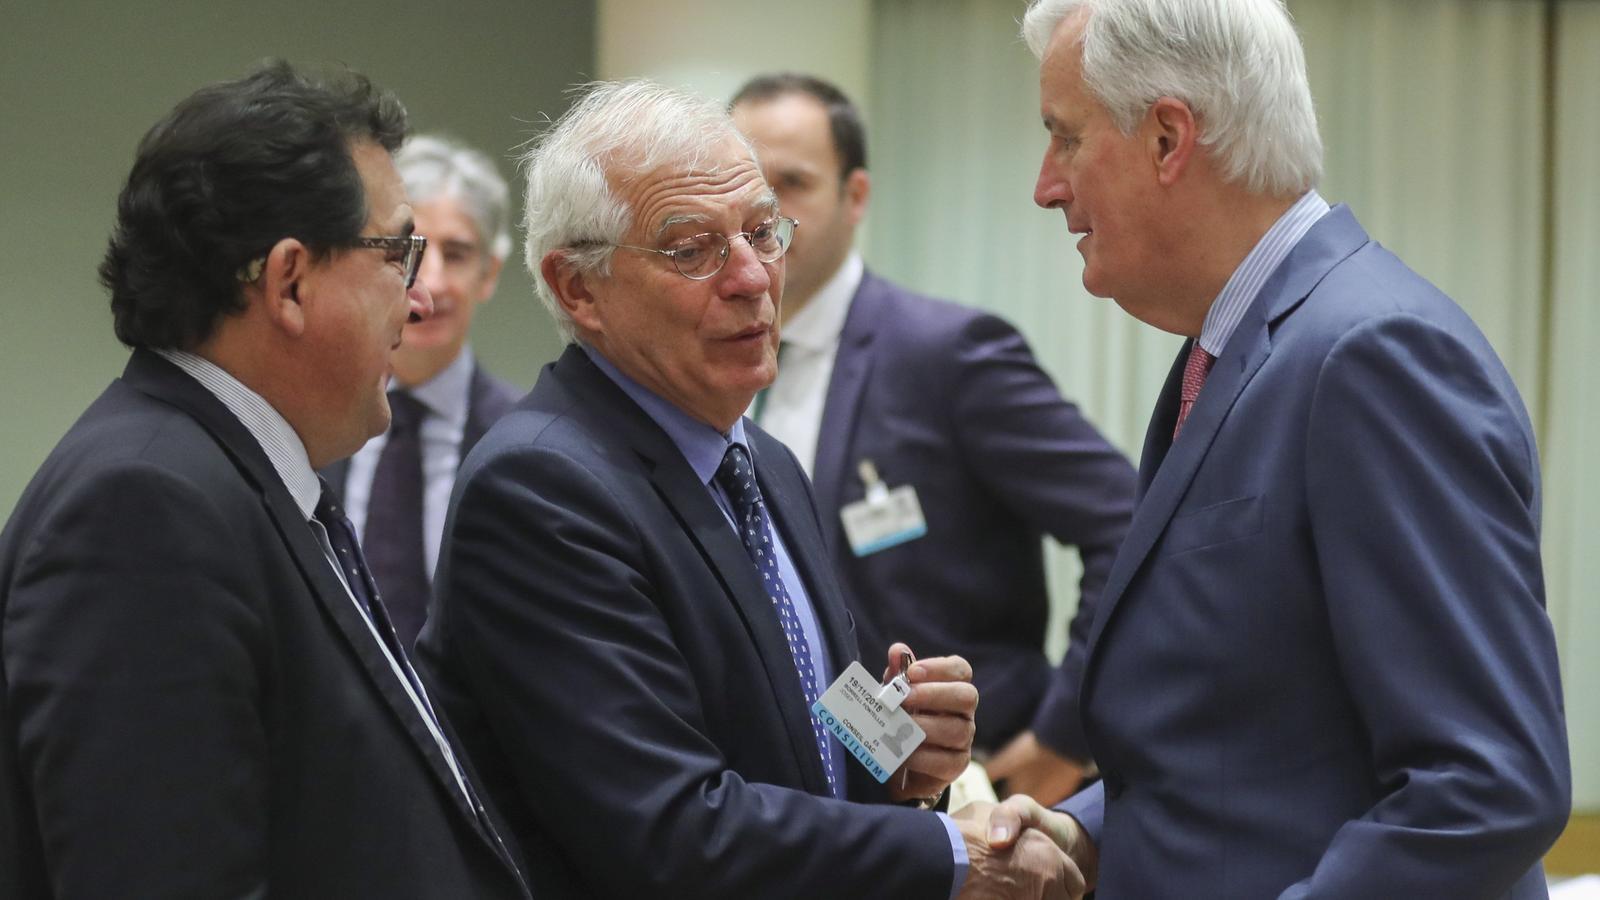 El ministre d'Afers Exteriors, Josep Borrell, amb el negociador de la UE pel Brexit, Michel Barnier.